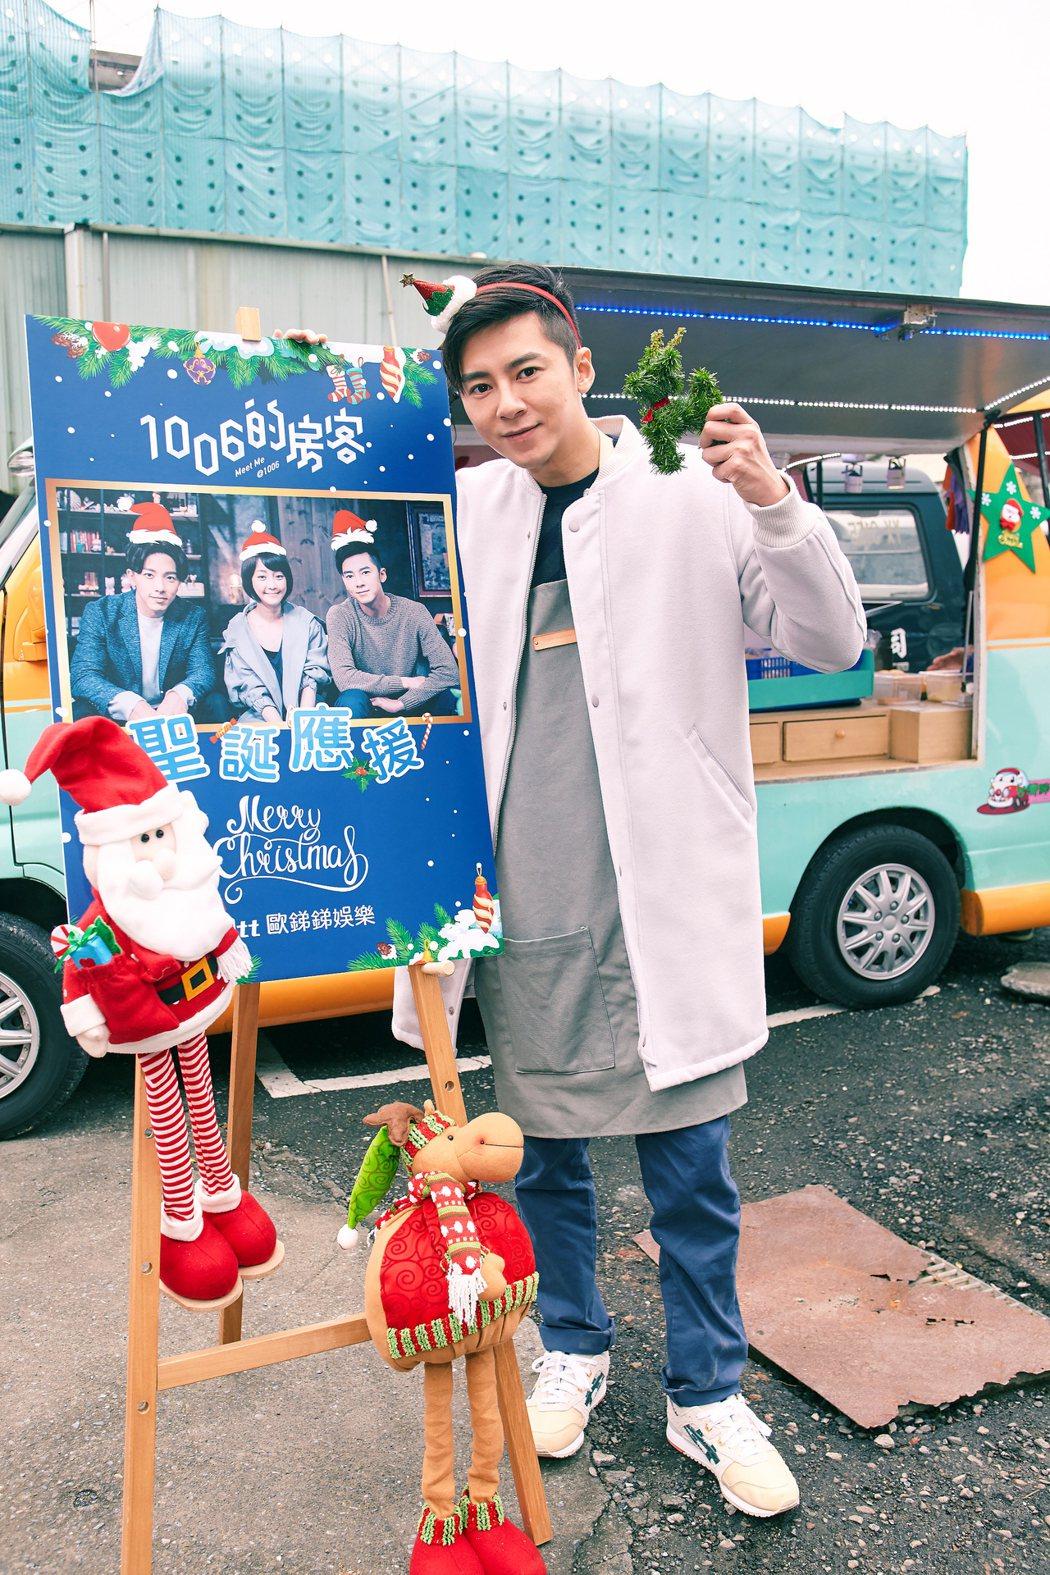 李國毅忙拍新戲「1006的房客」,劇組應景推出耶誕應援餐車。圖/歐銻銻娛樂提供